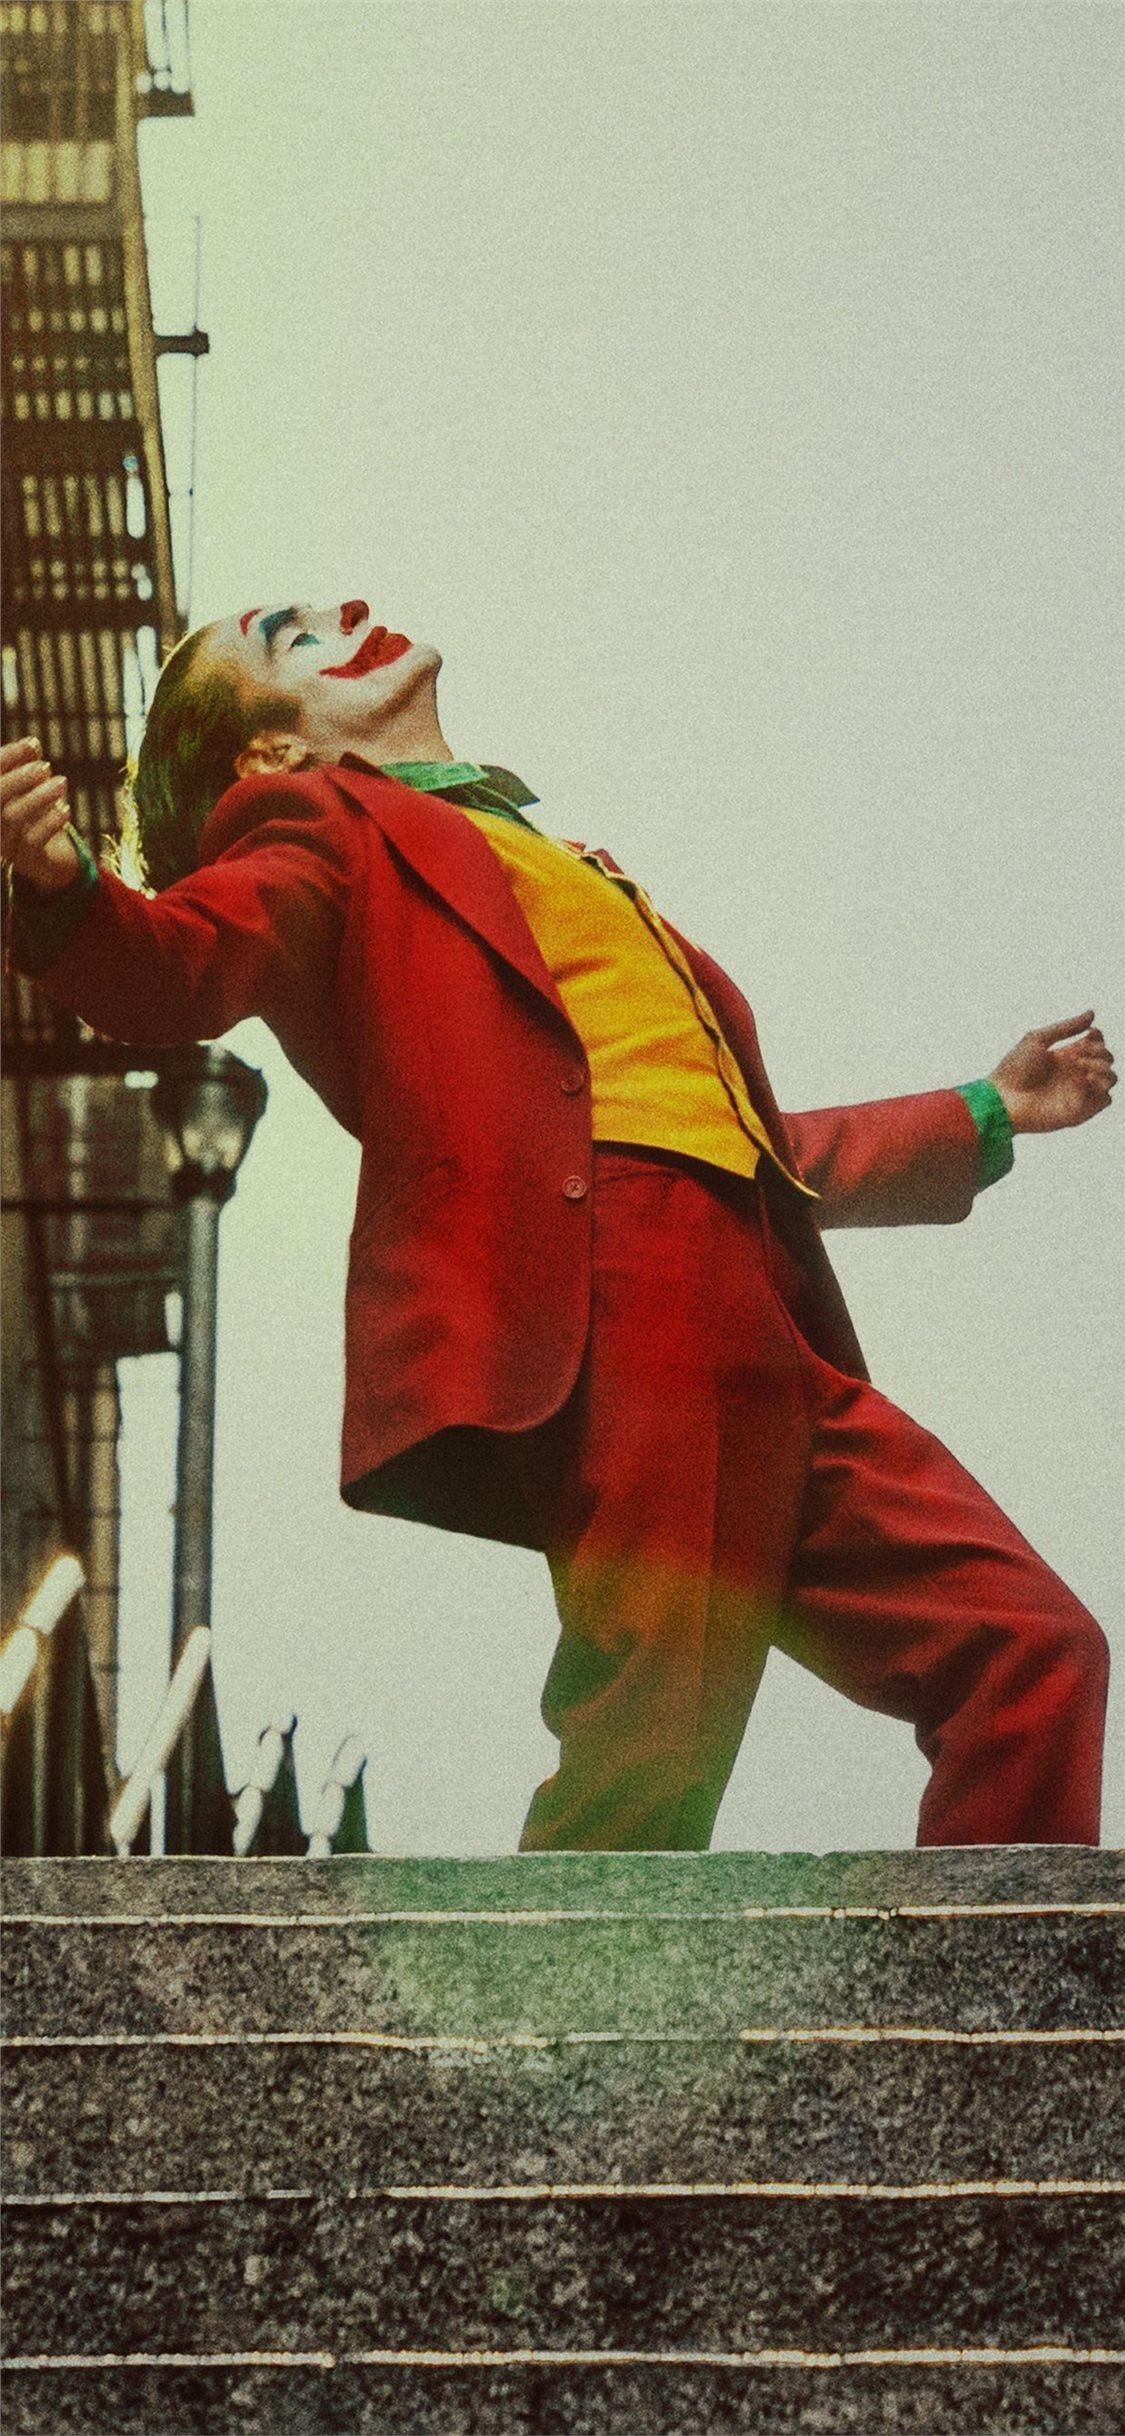 Joker Moie 8k 2019 Iphone X Wallpapers Free Download